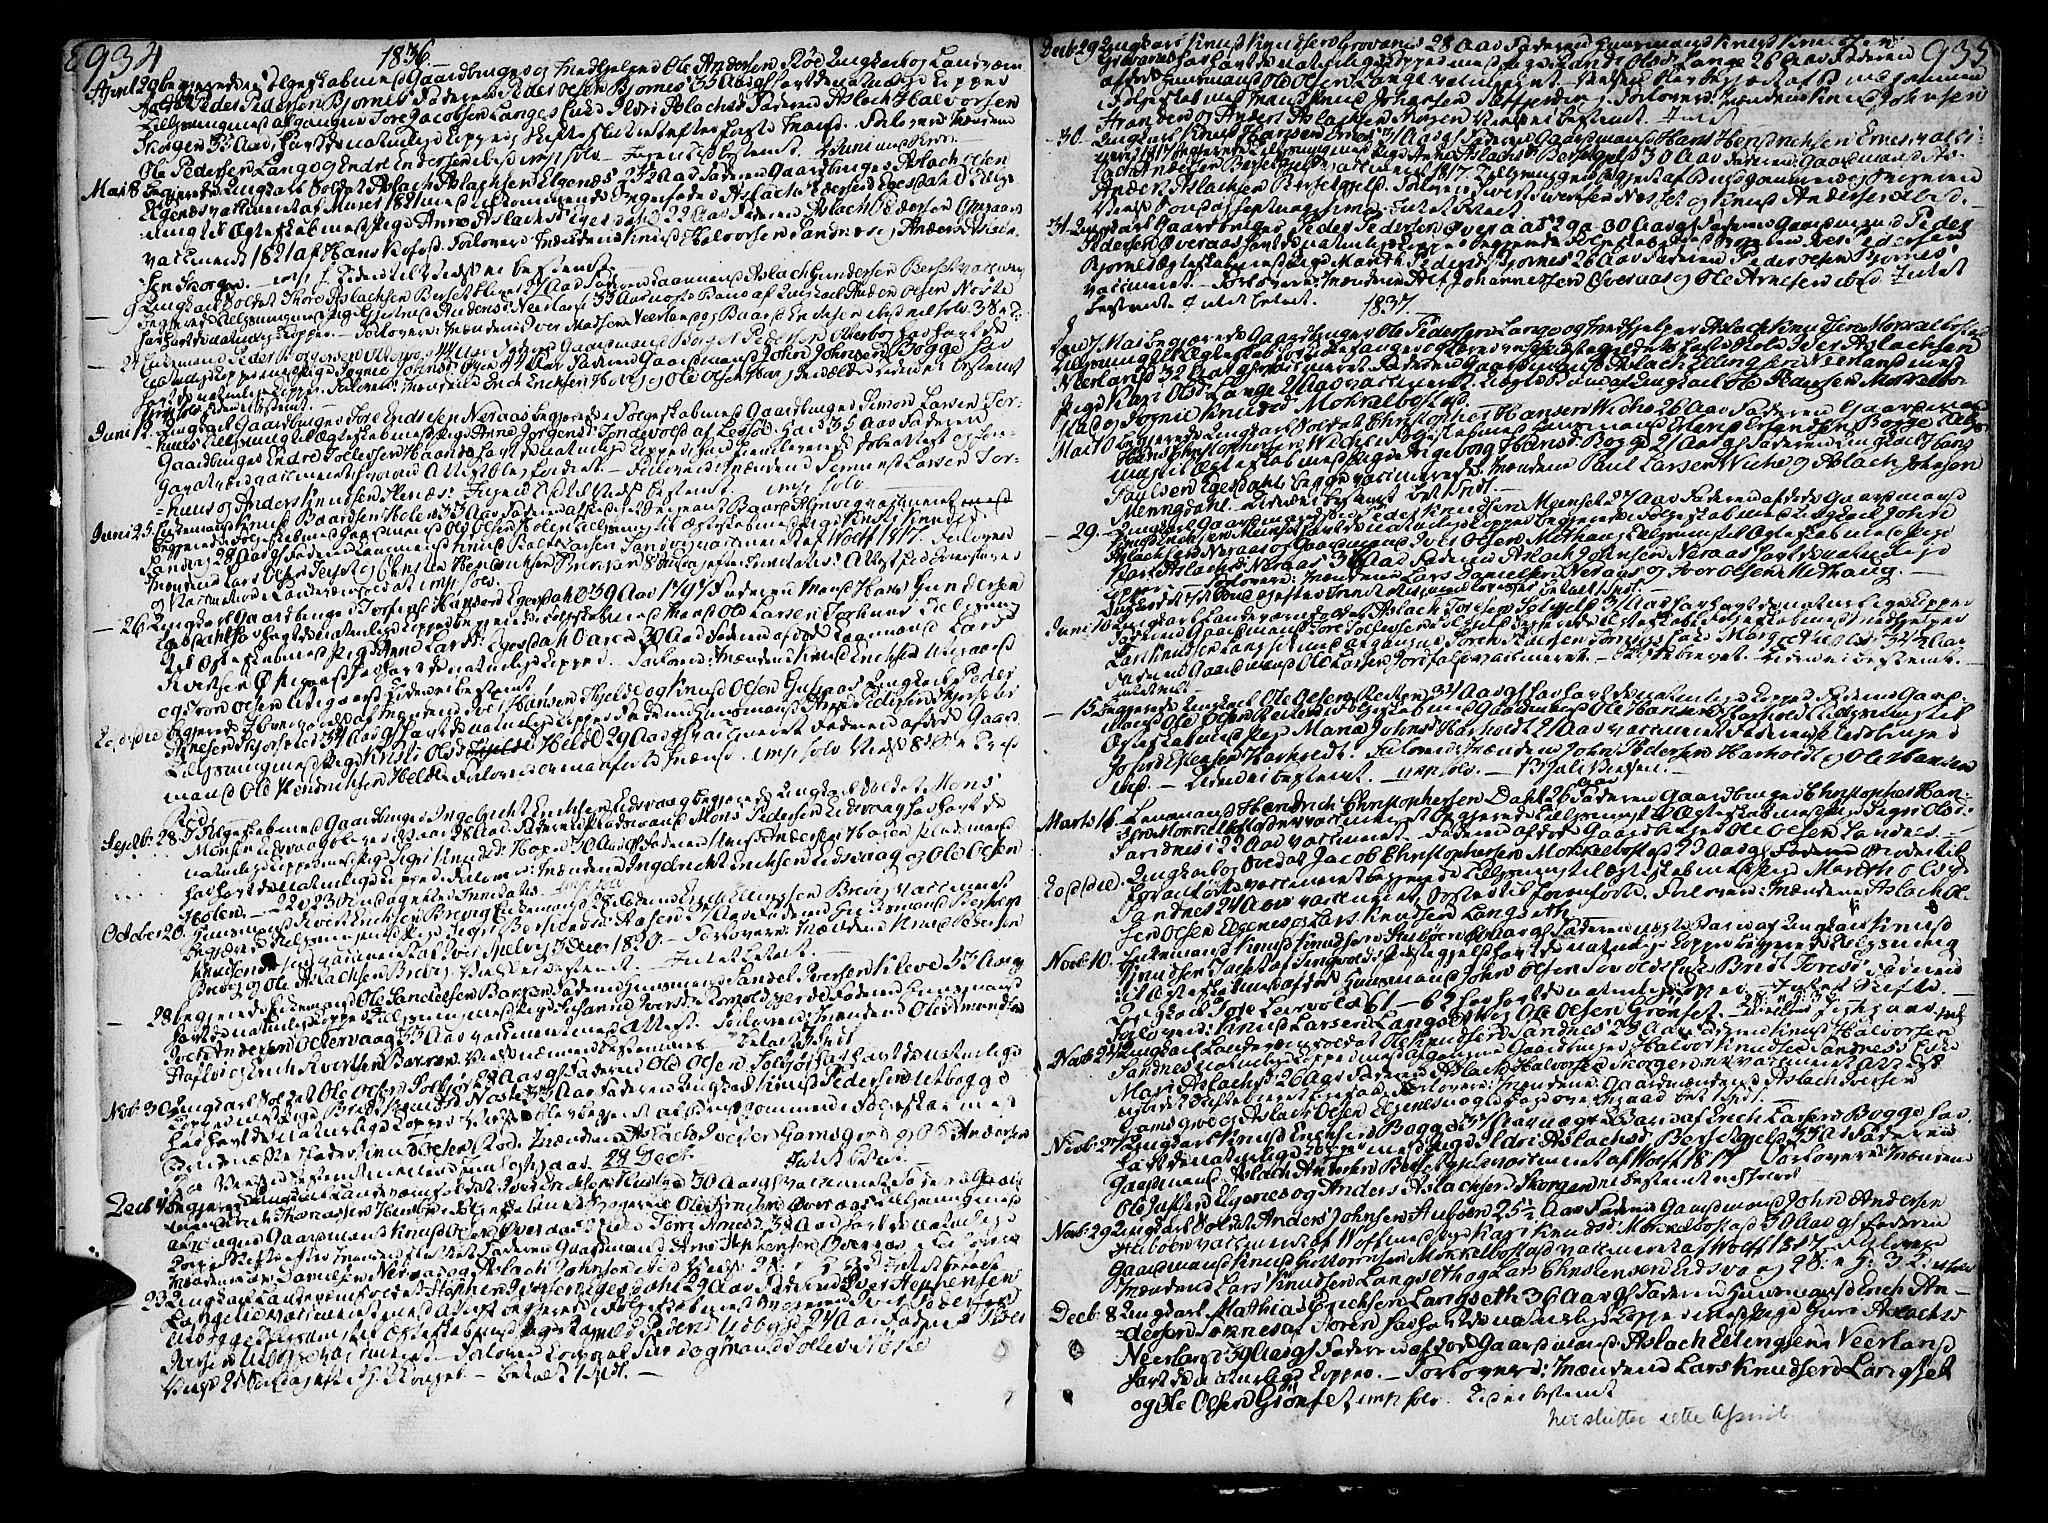 SAT, Ministerialprotokoller, klokkerbøker og fødselsregistre - Møre og Romsdal, 551/L0622: Ministerialbok nr. 551A02, 1804-1845, s. 934-935